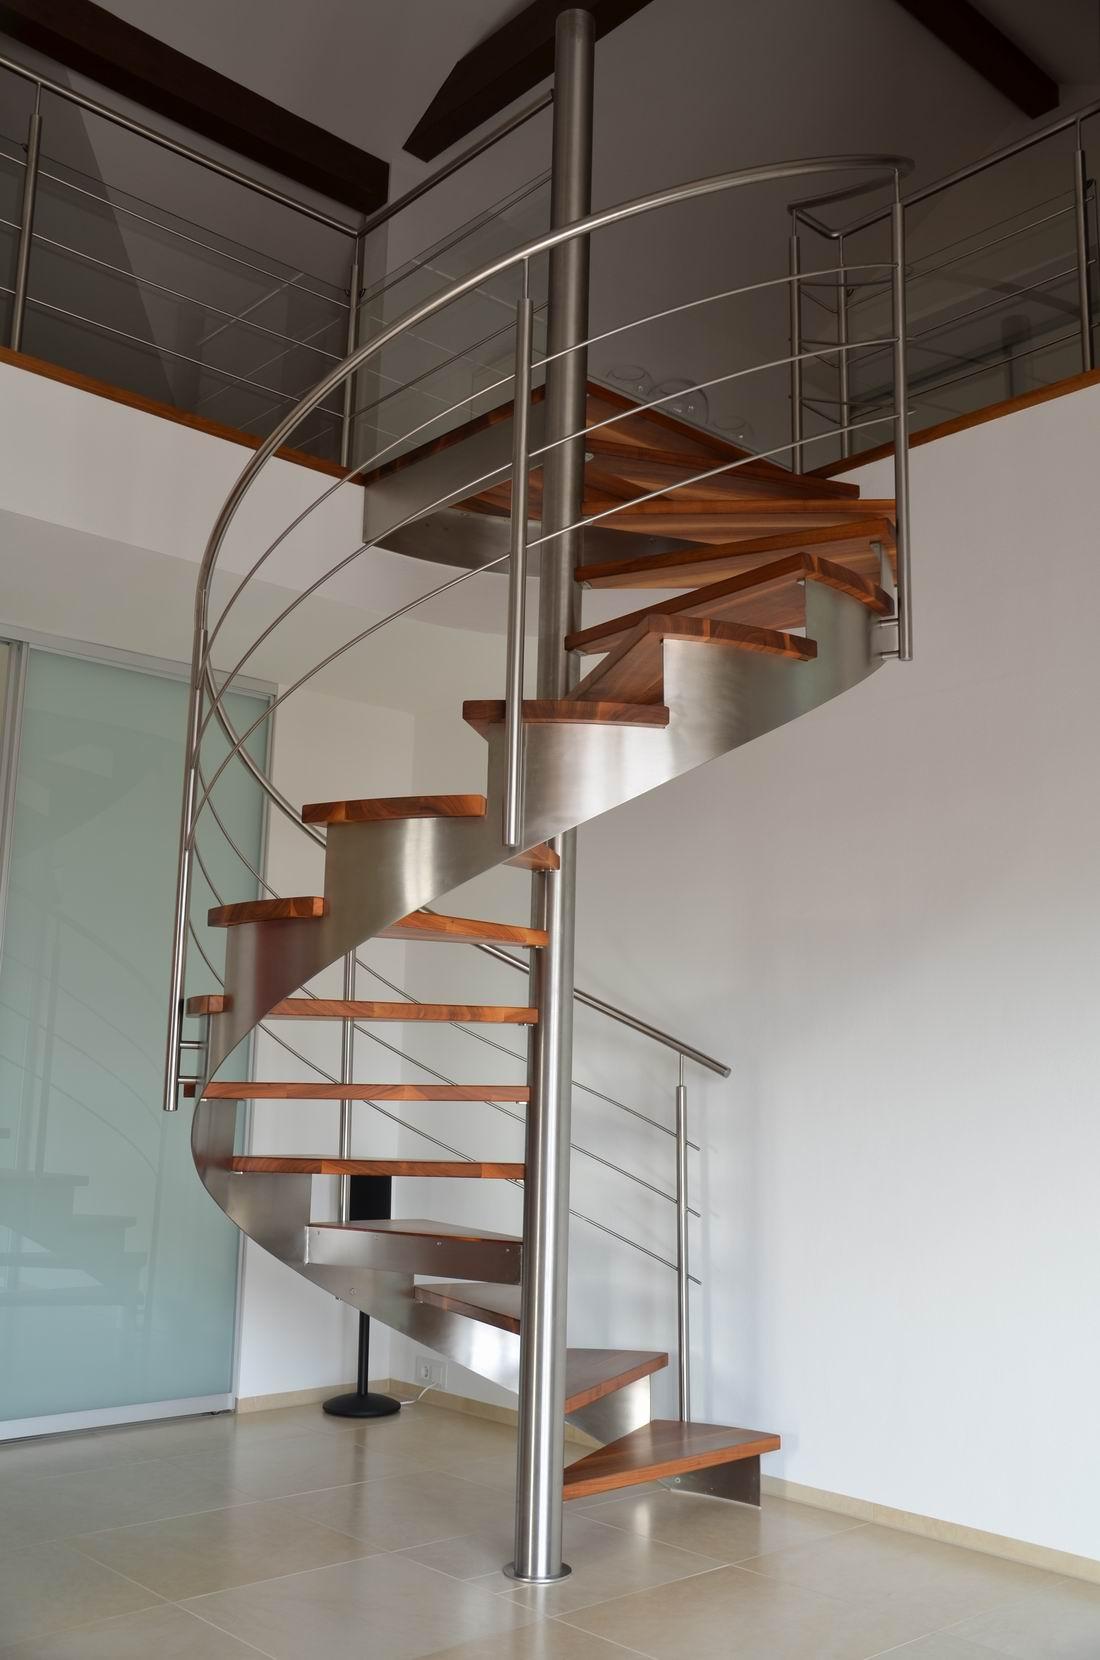 metalltreppen stahltreppen wangentreppe spindeltreppen wendeltreppen treppen chiemgau. Black Bedroom Furniture Sets. Home Design Ideas